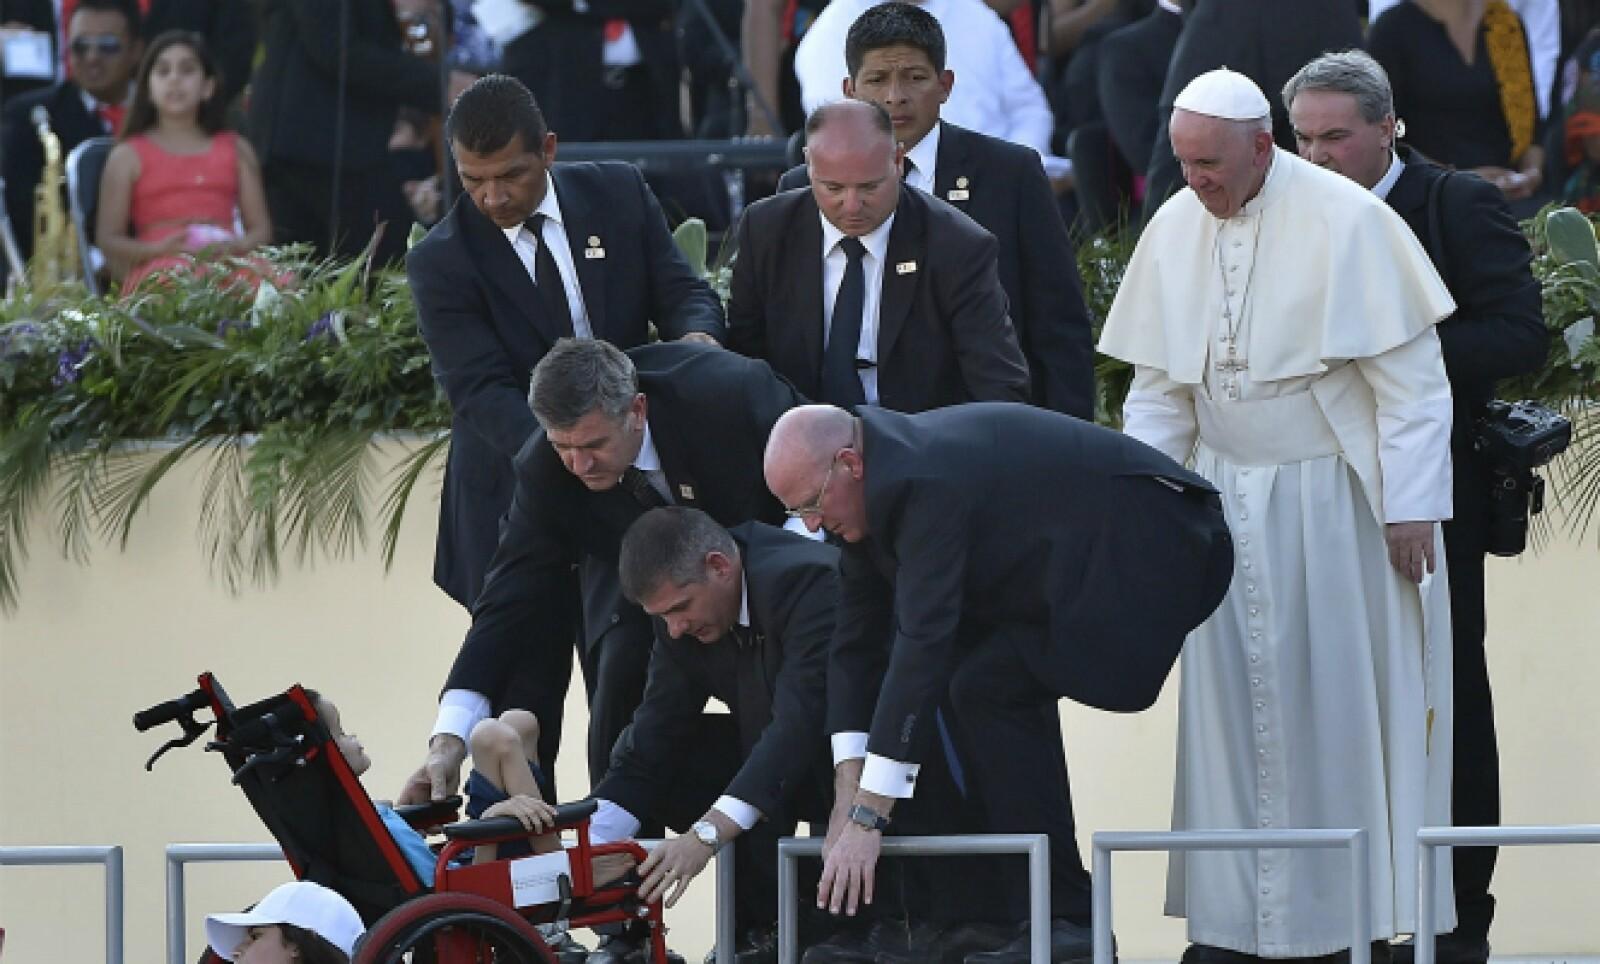 El papa Francisco habló frente a las familias e hizo subir al escenario a algunos fieles, como este pequeño en silla de ruedas.